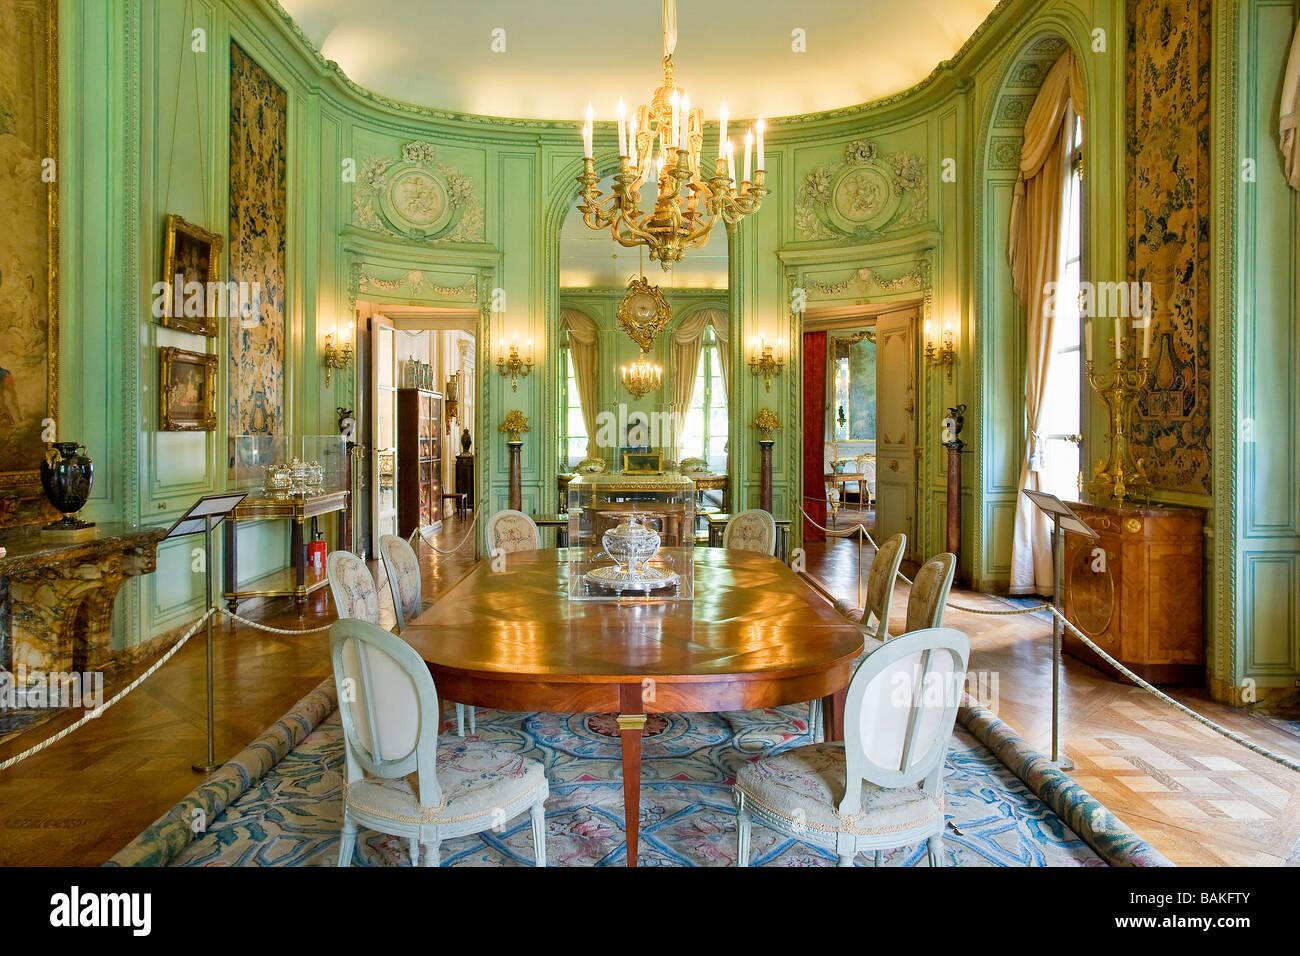 france living room stockfotos france living room bilder alamy. Black Bedroom Furniture Sets. Home Design Ideas